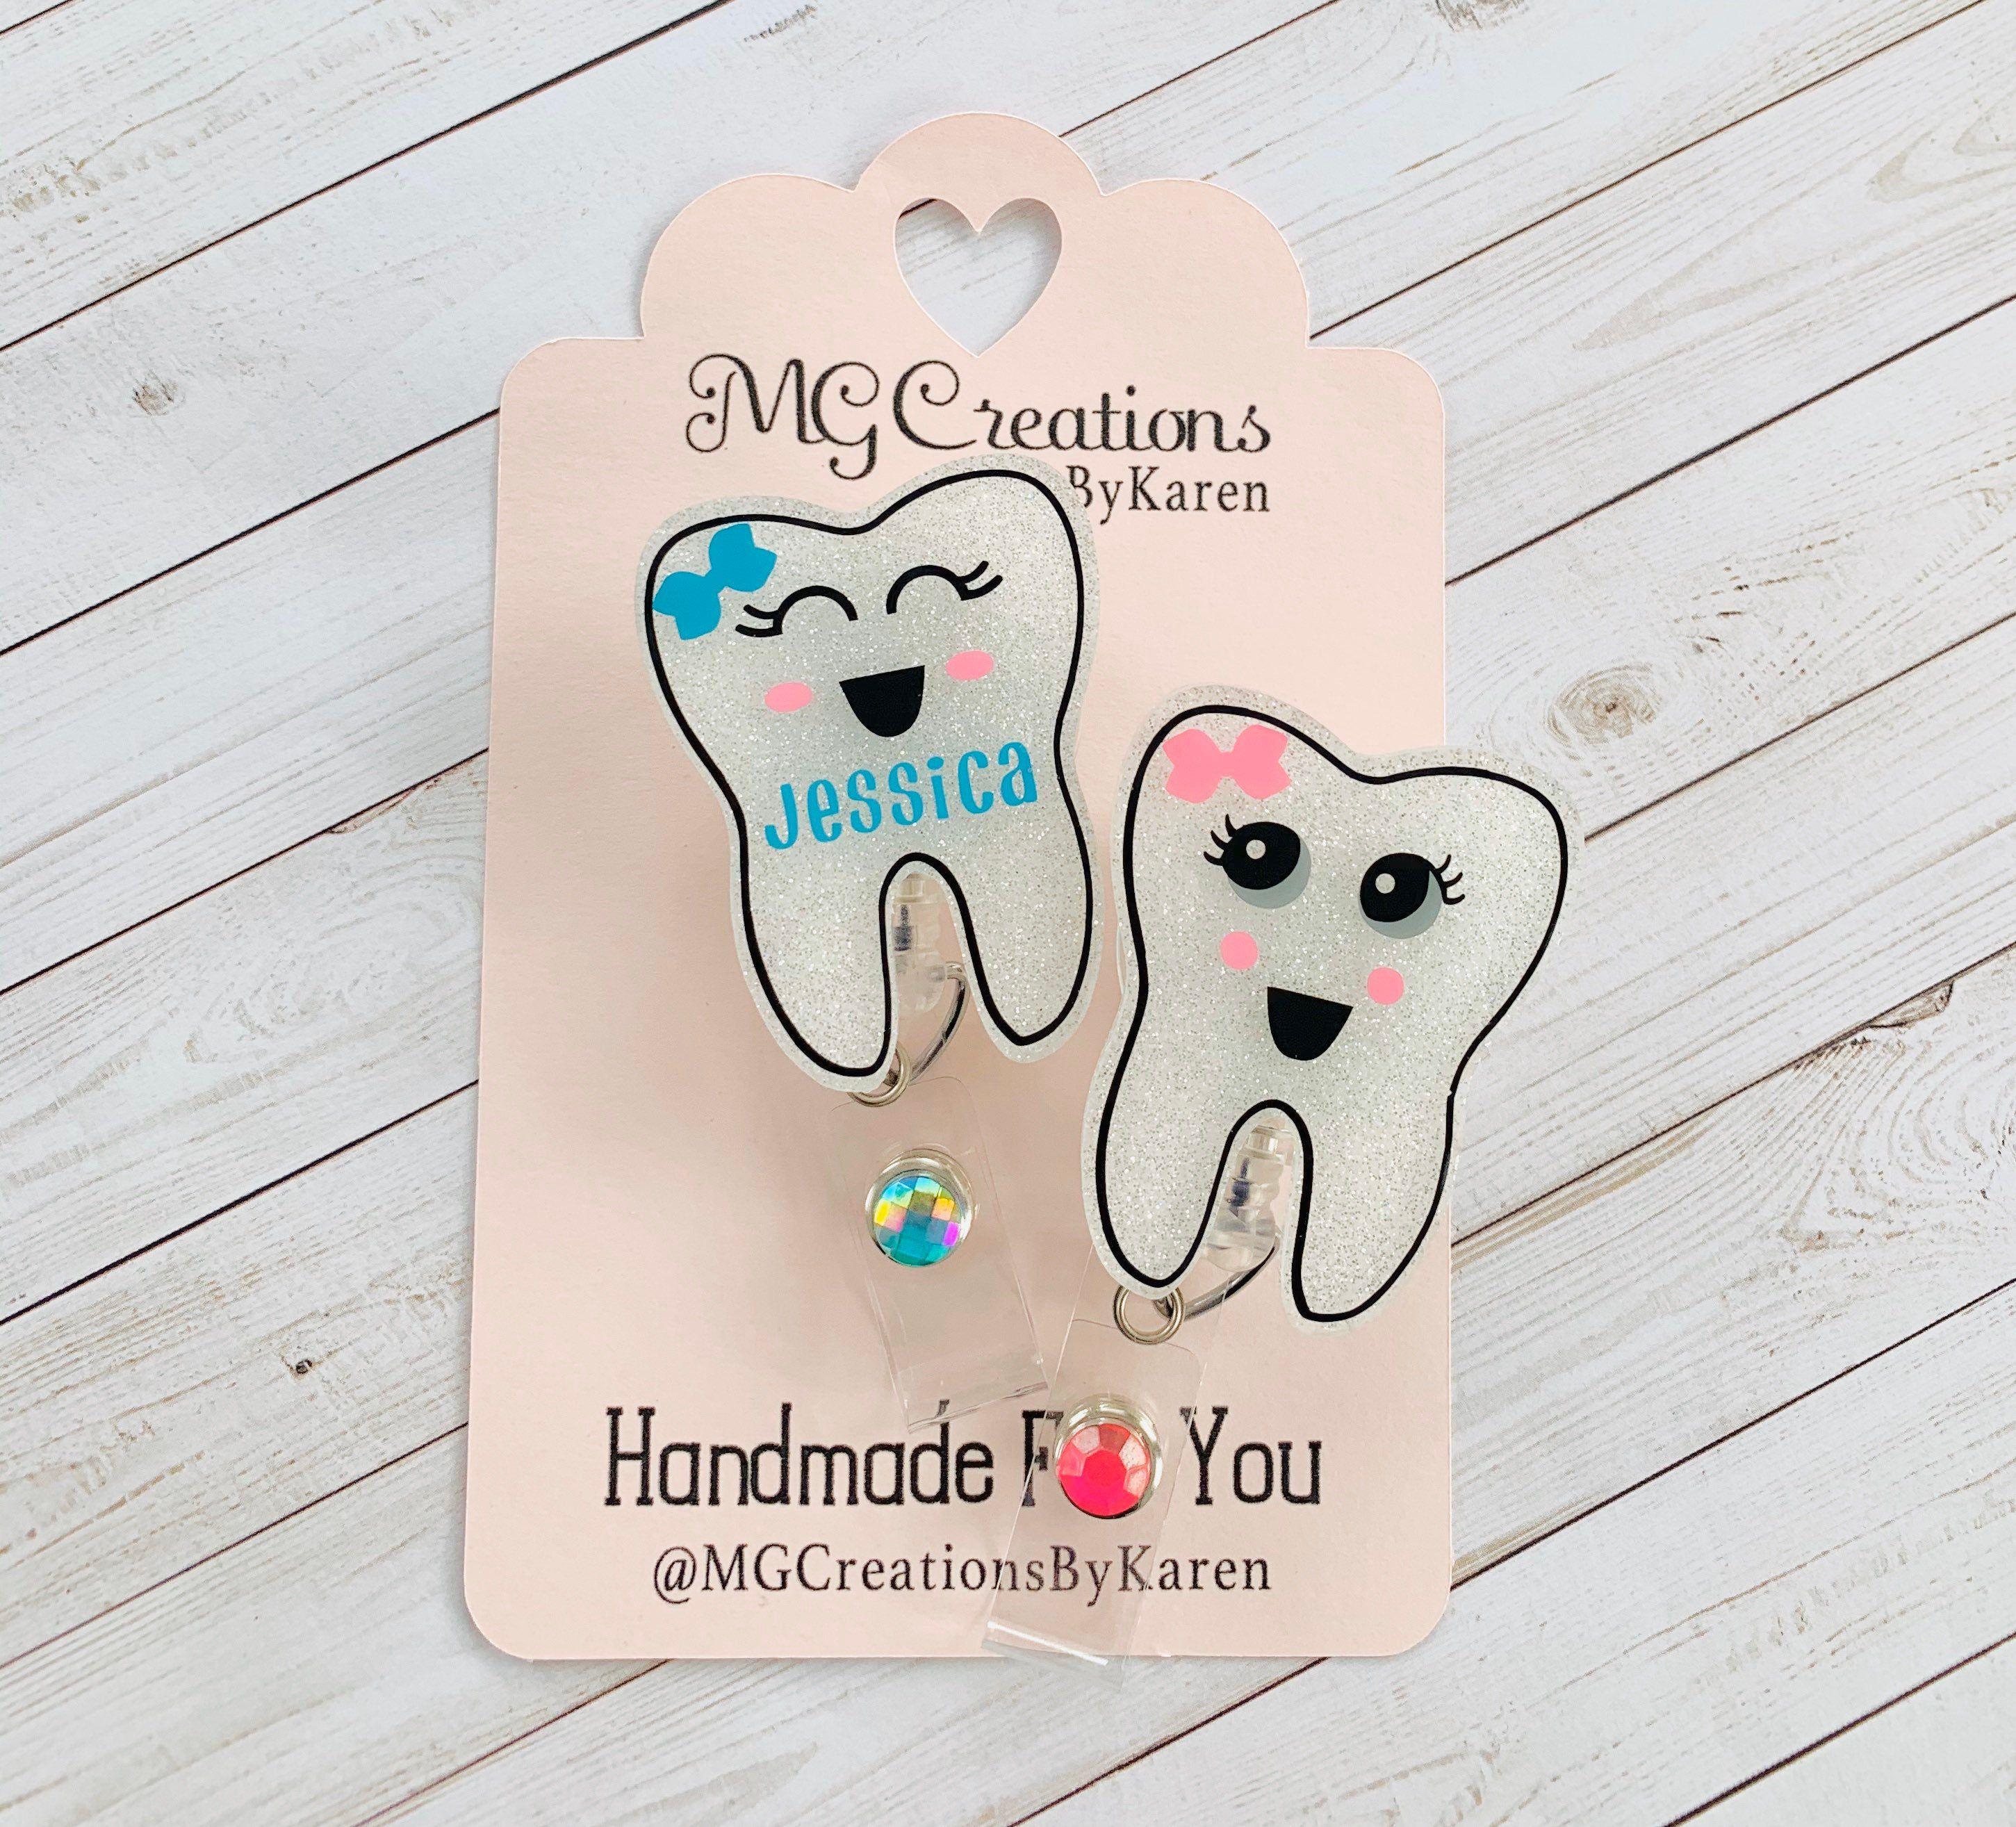 673M Happy Teeth Dental Hygienist Dentist Office Badge Reel ID Holder Teal